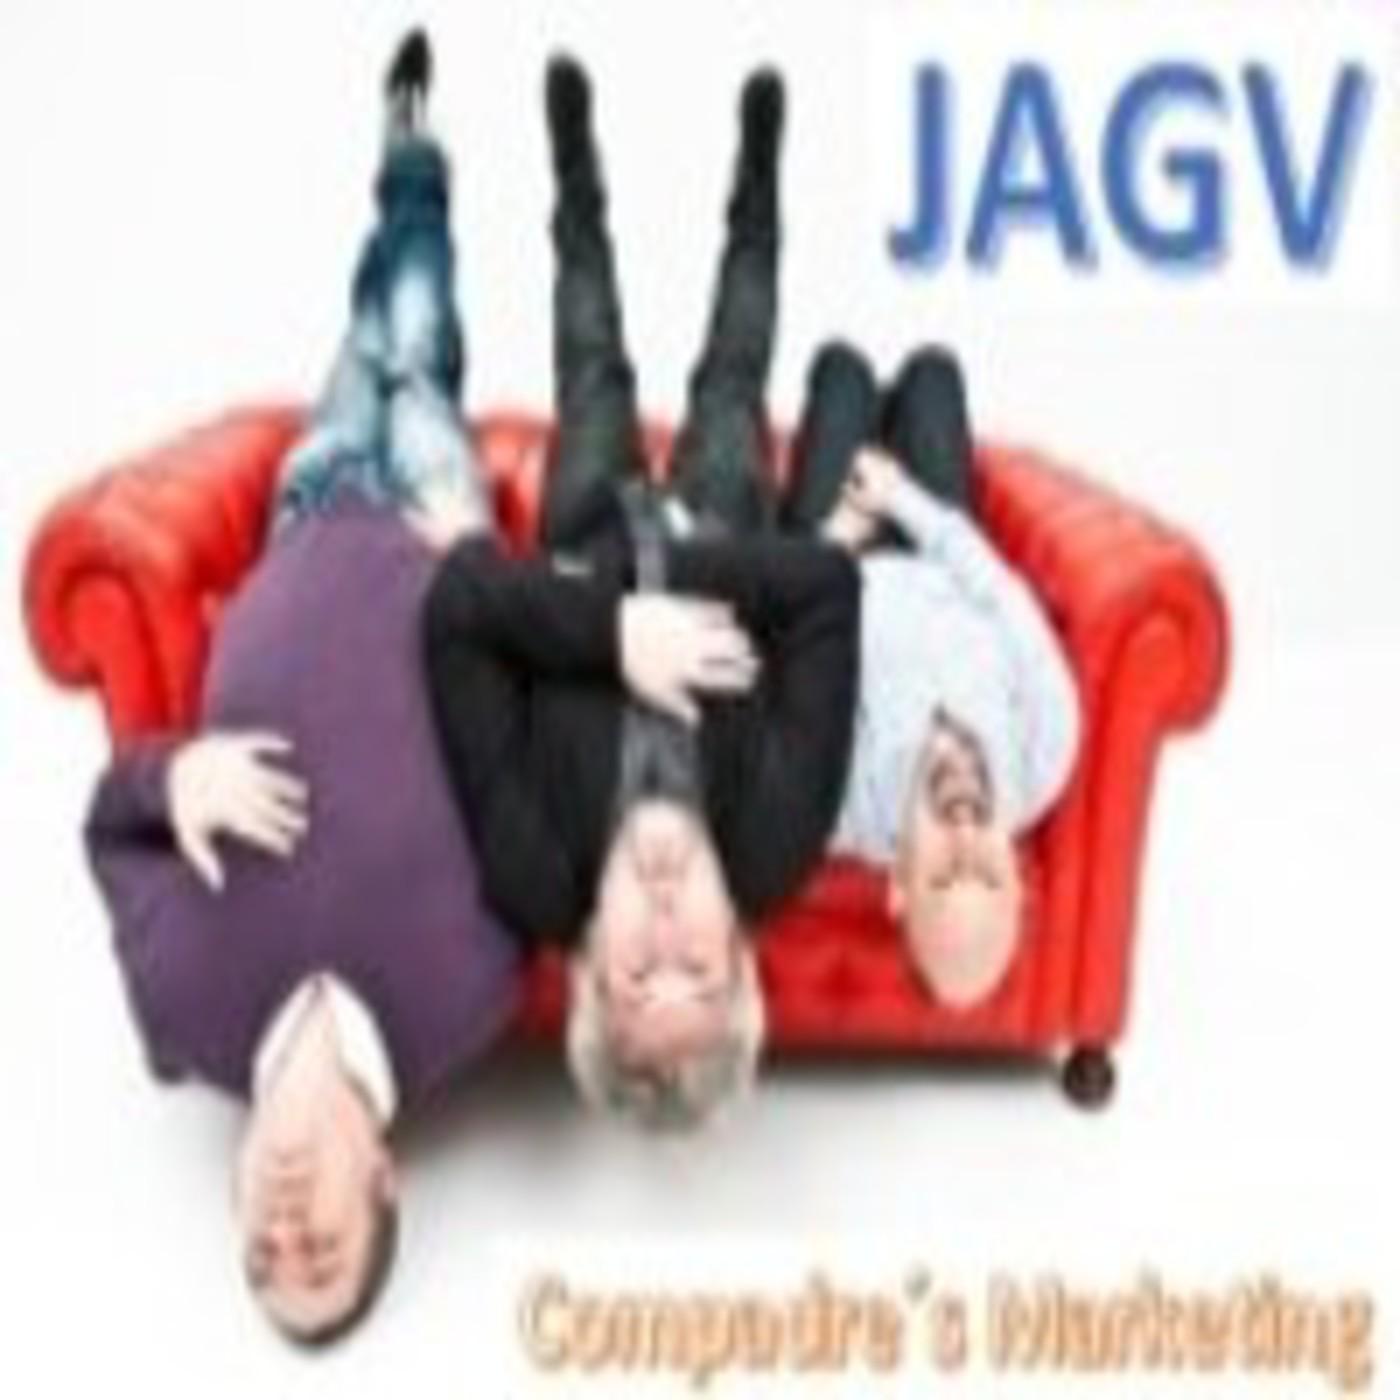 JAGV Ilustres Ignorantes - El Viajar (07/07/15)